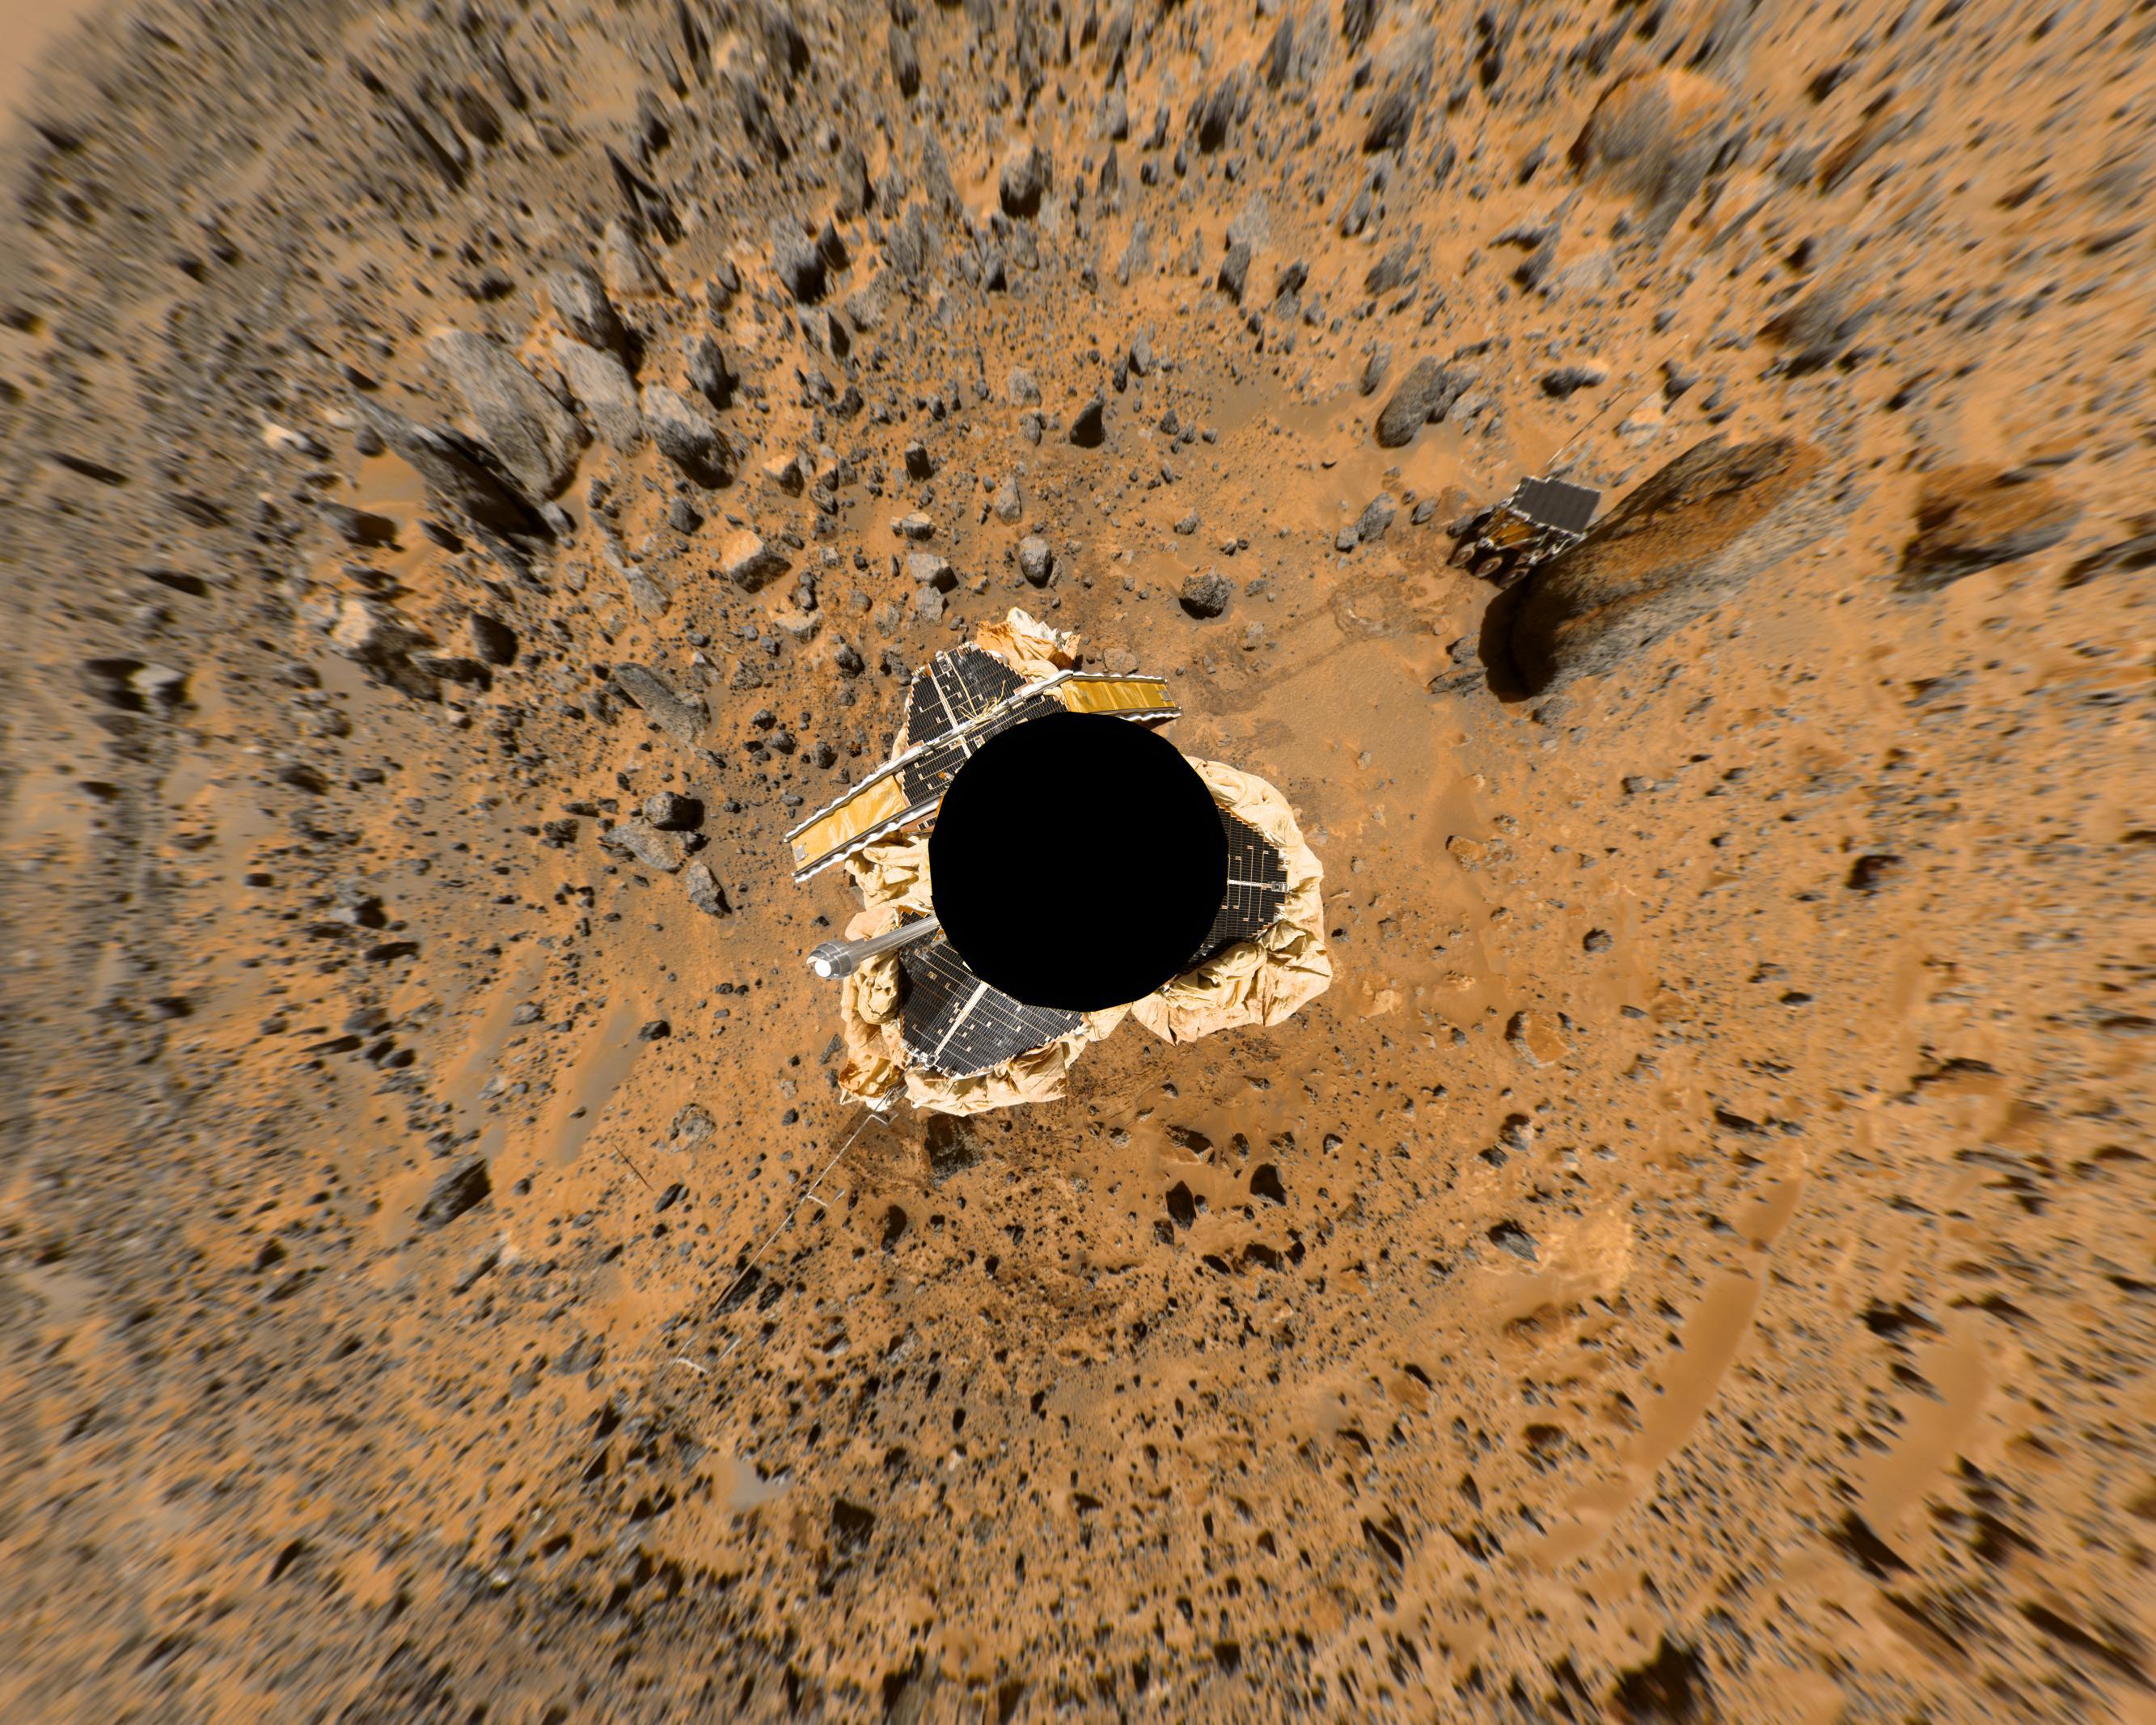 mars landing viewing - photo #47